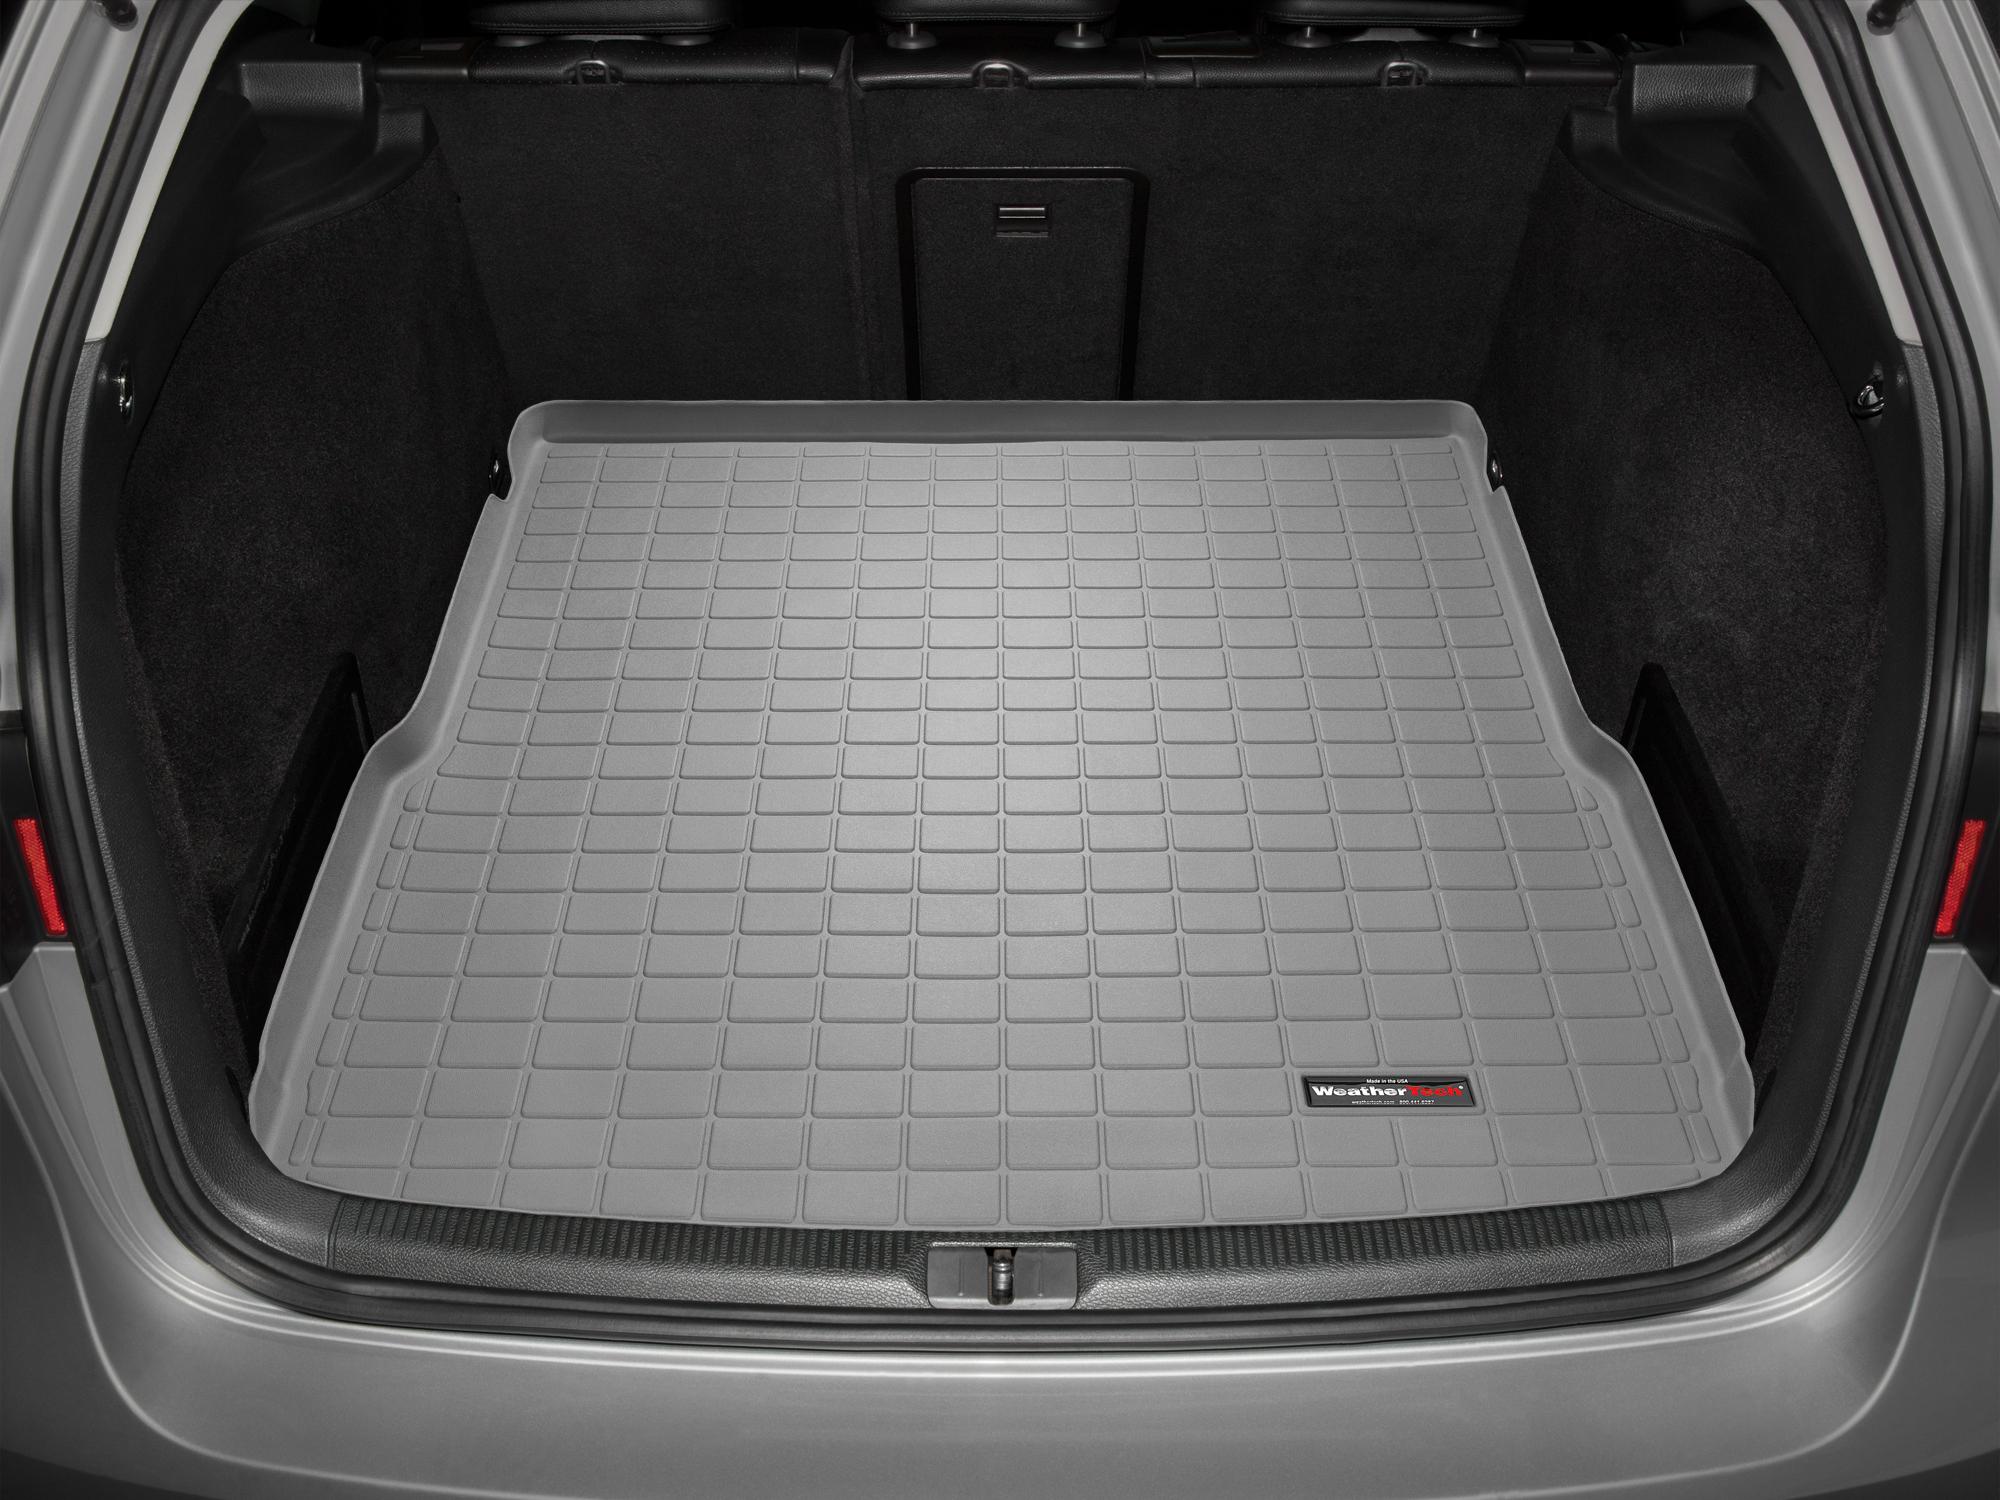 Volkswagen Passat 2006>2013 Vasca baule tappeto bagagliaio grigio *1401